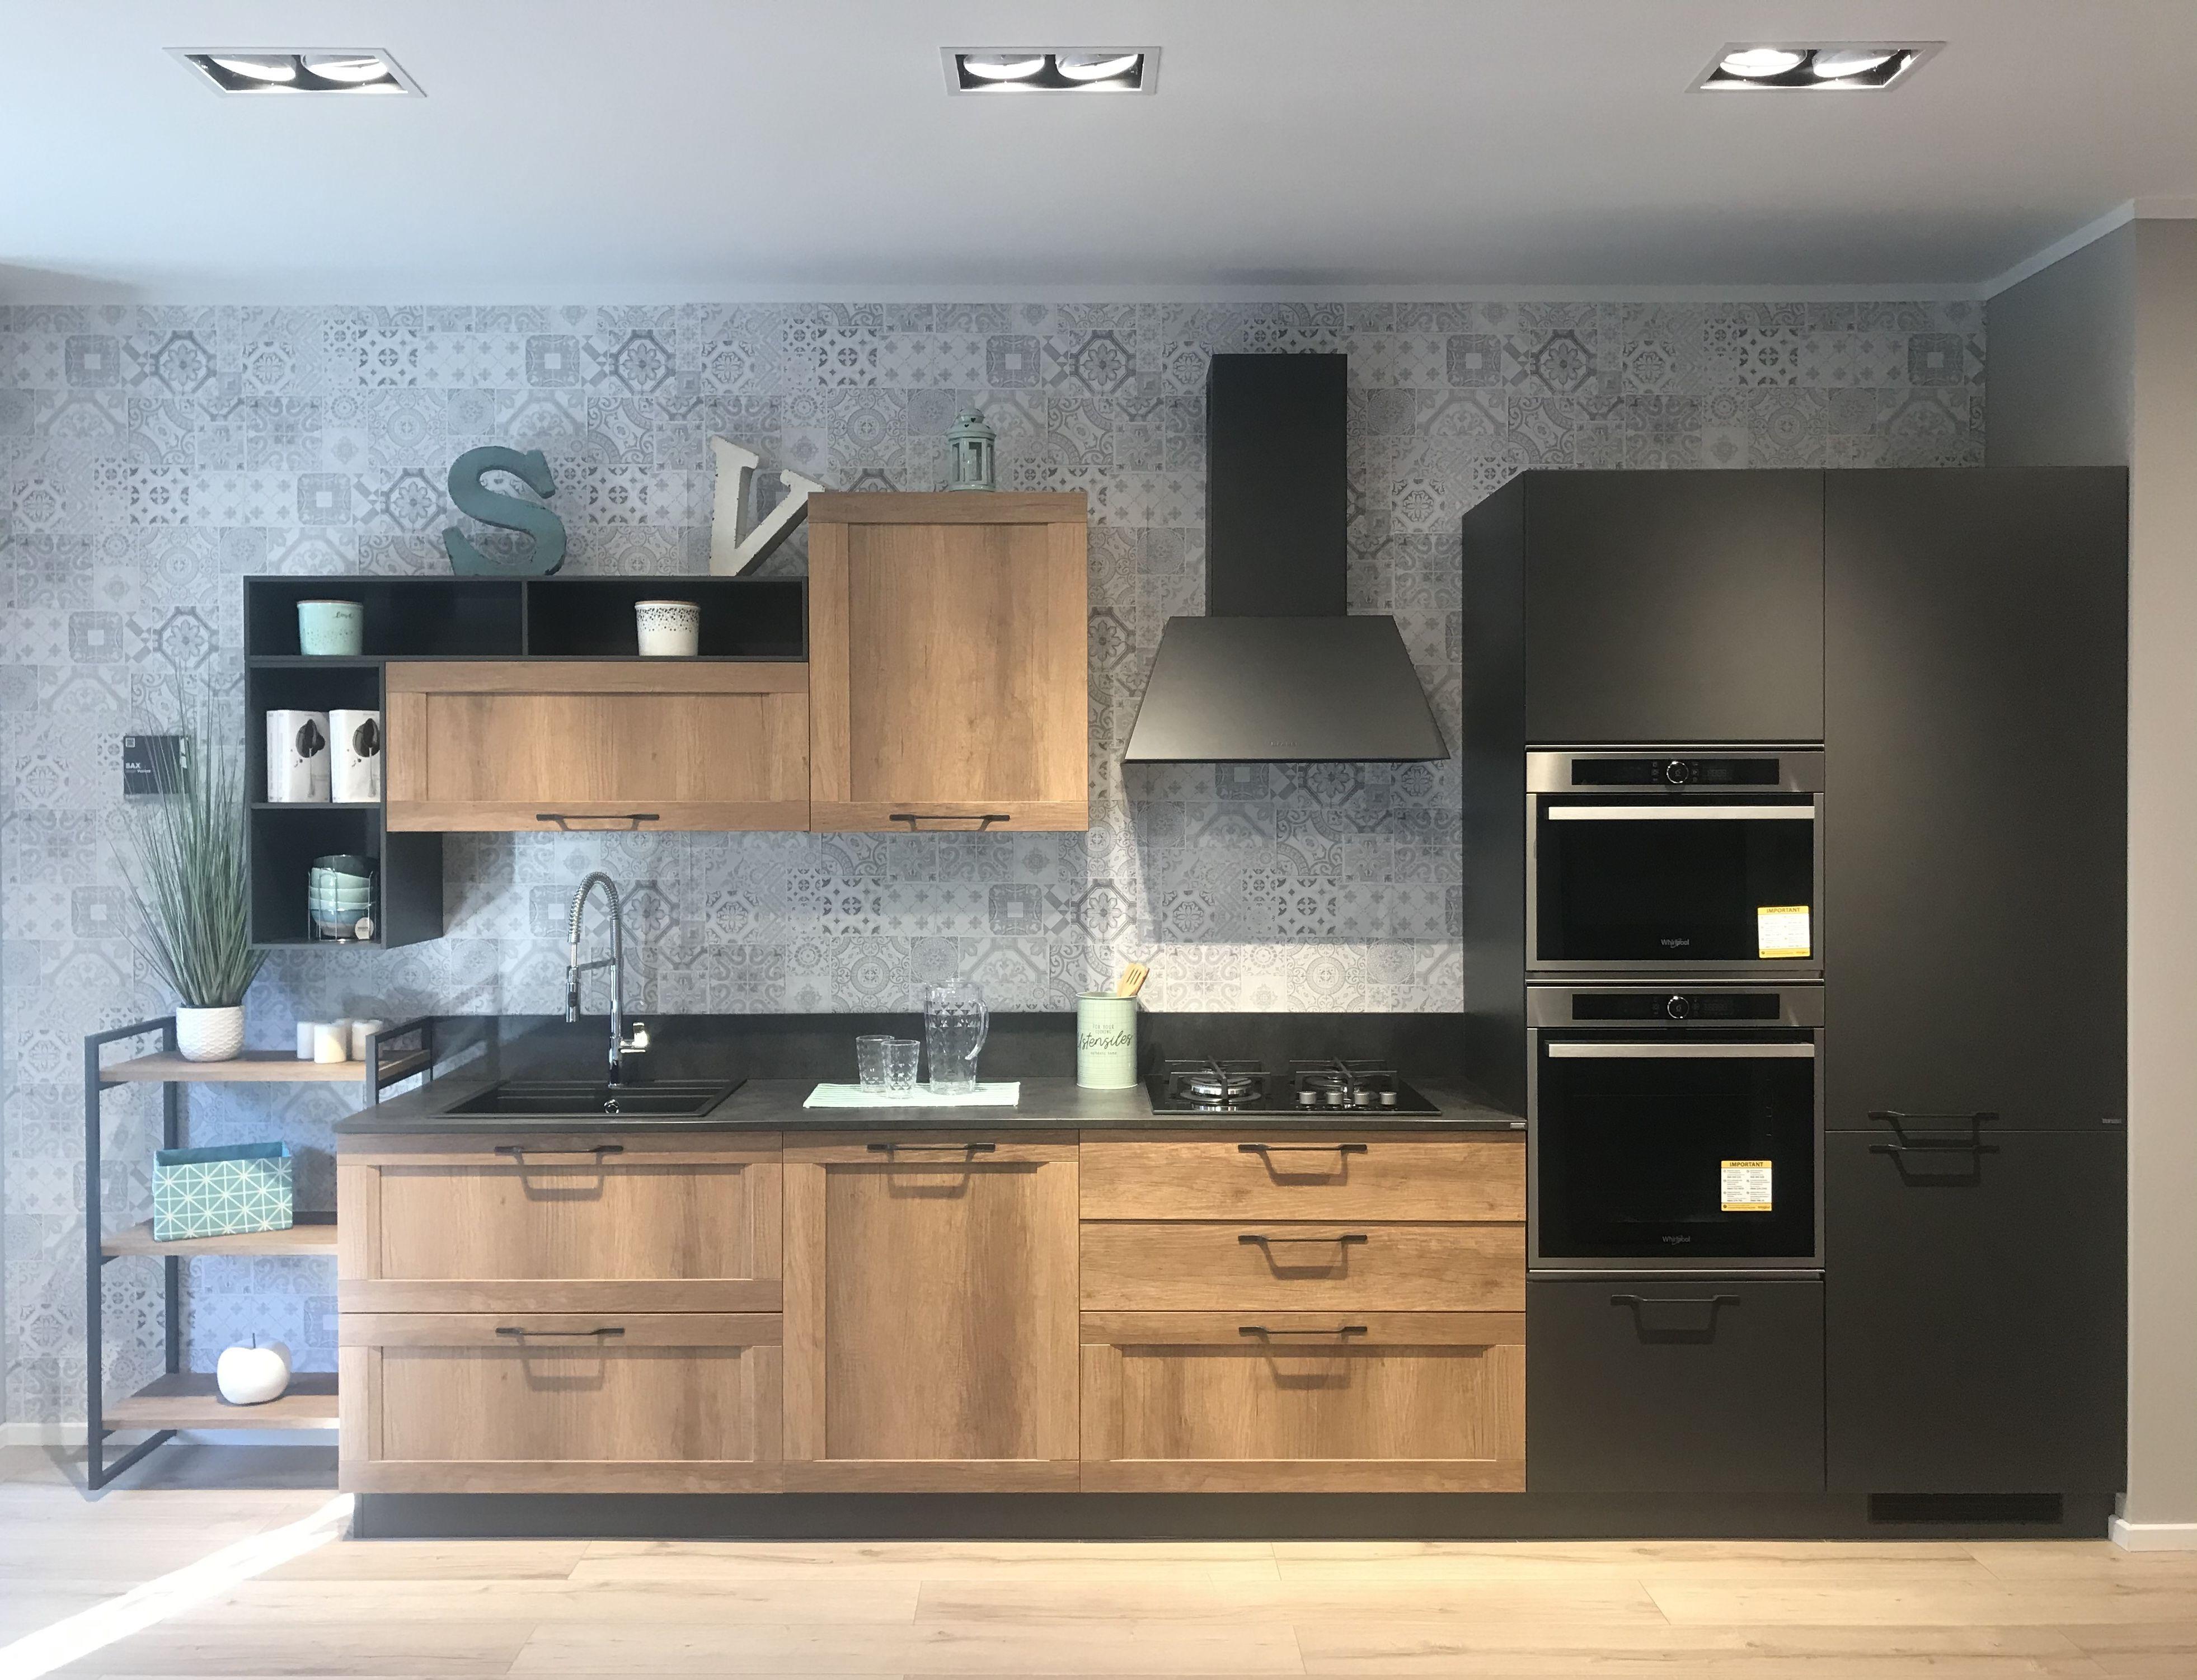 Scavolini Roma Nel 2020 Design Cucine Lavandino Da Cucina Arredo Interni Cucina